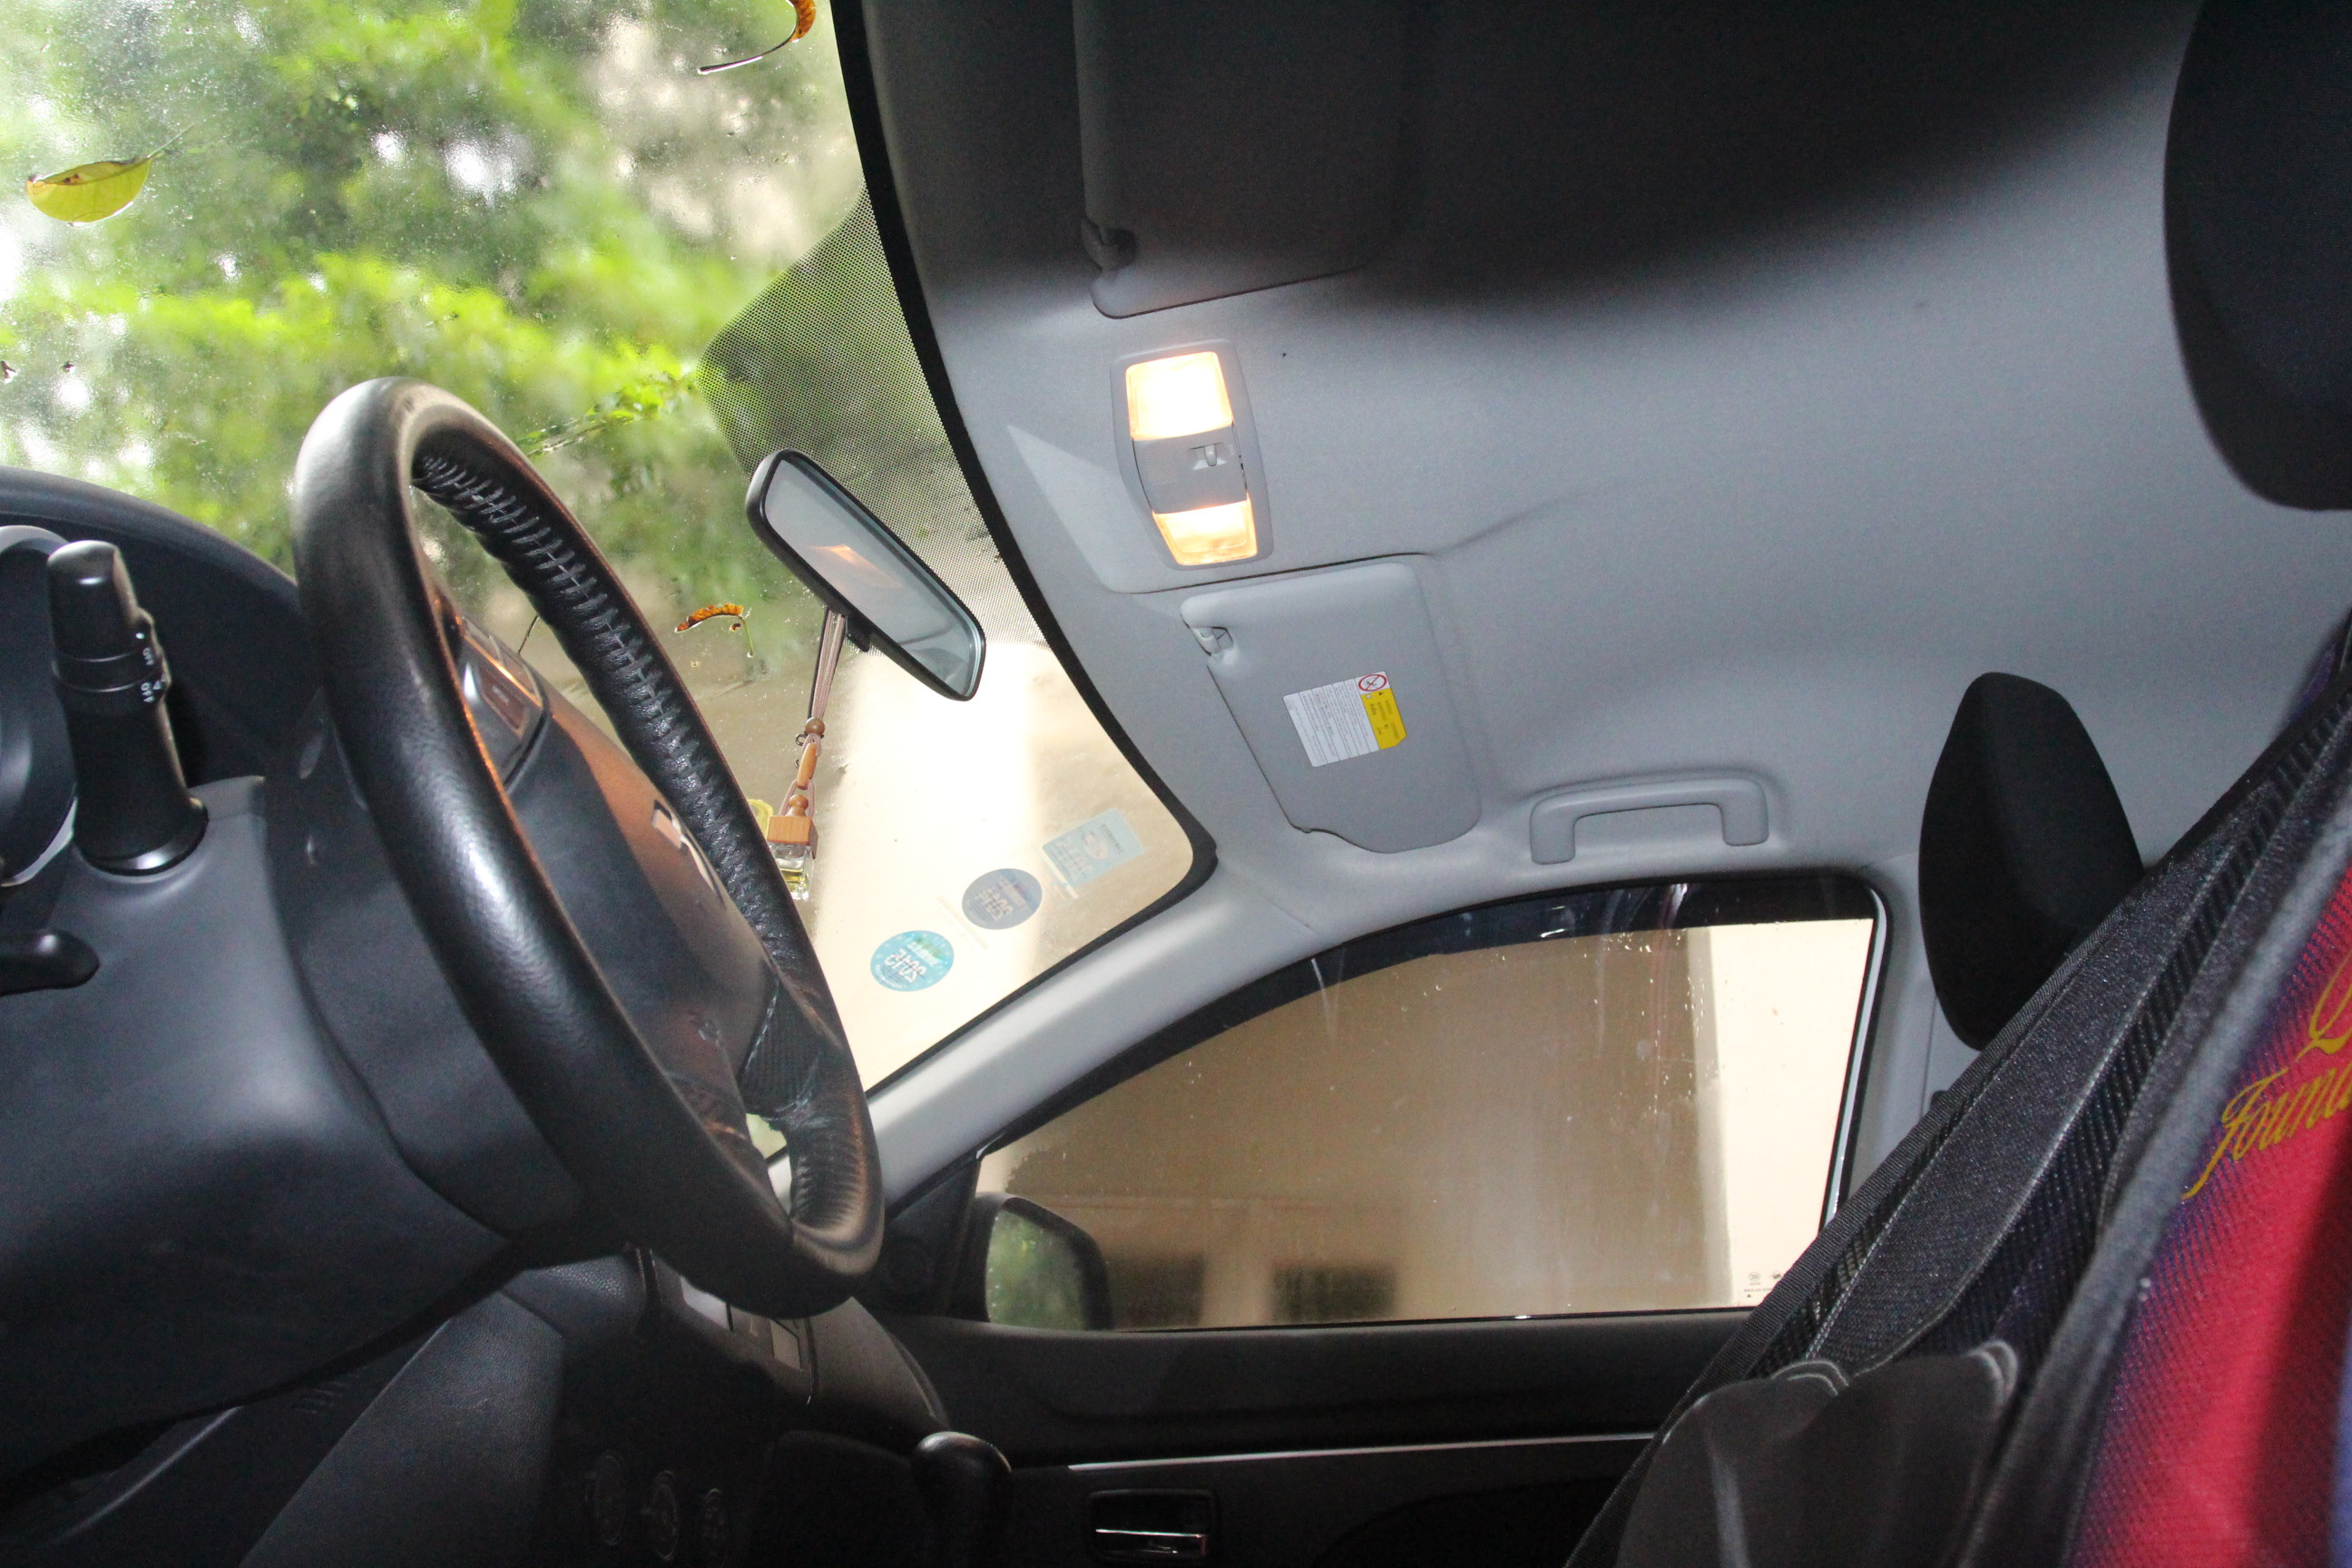 三菱汽车空调开关图解